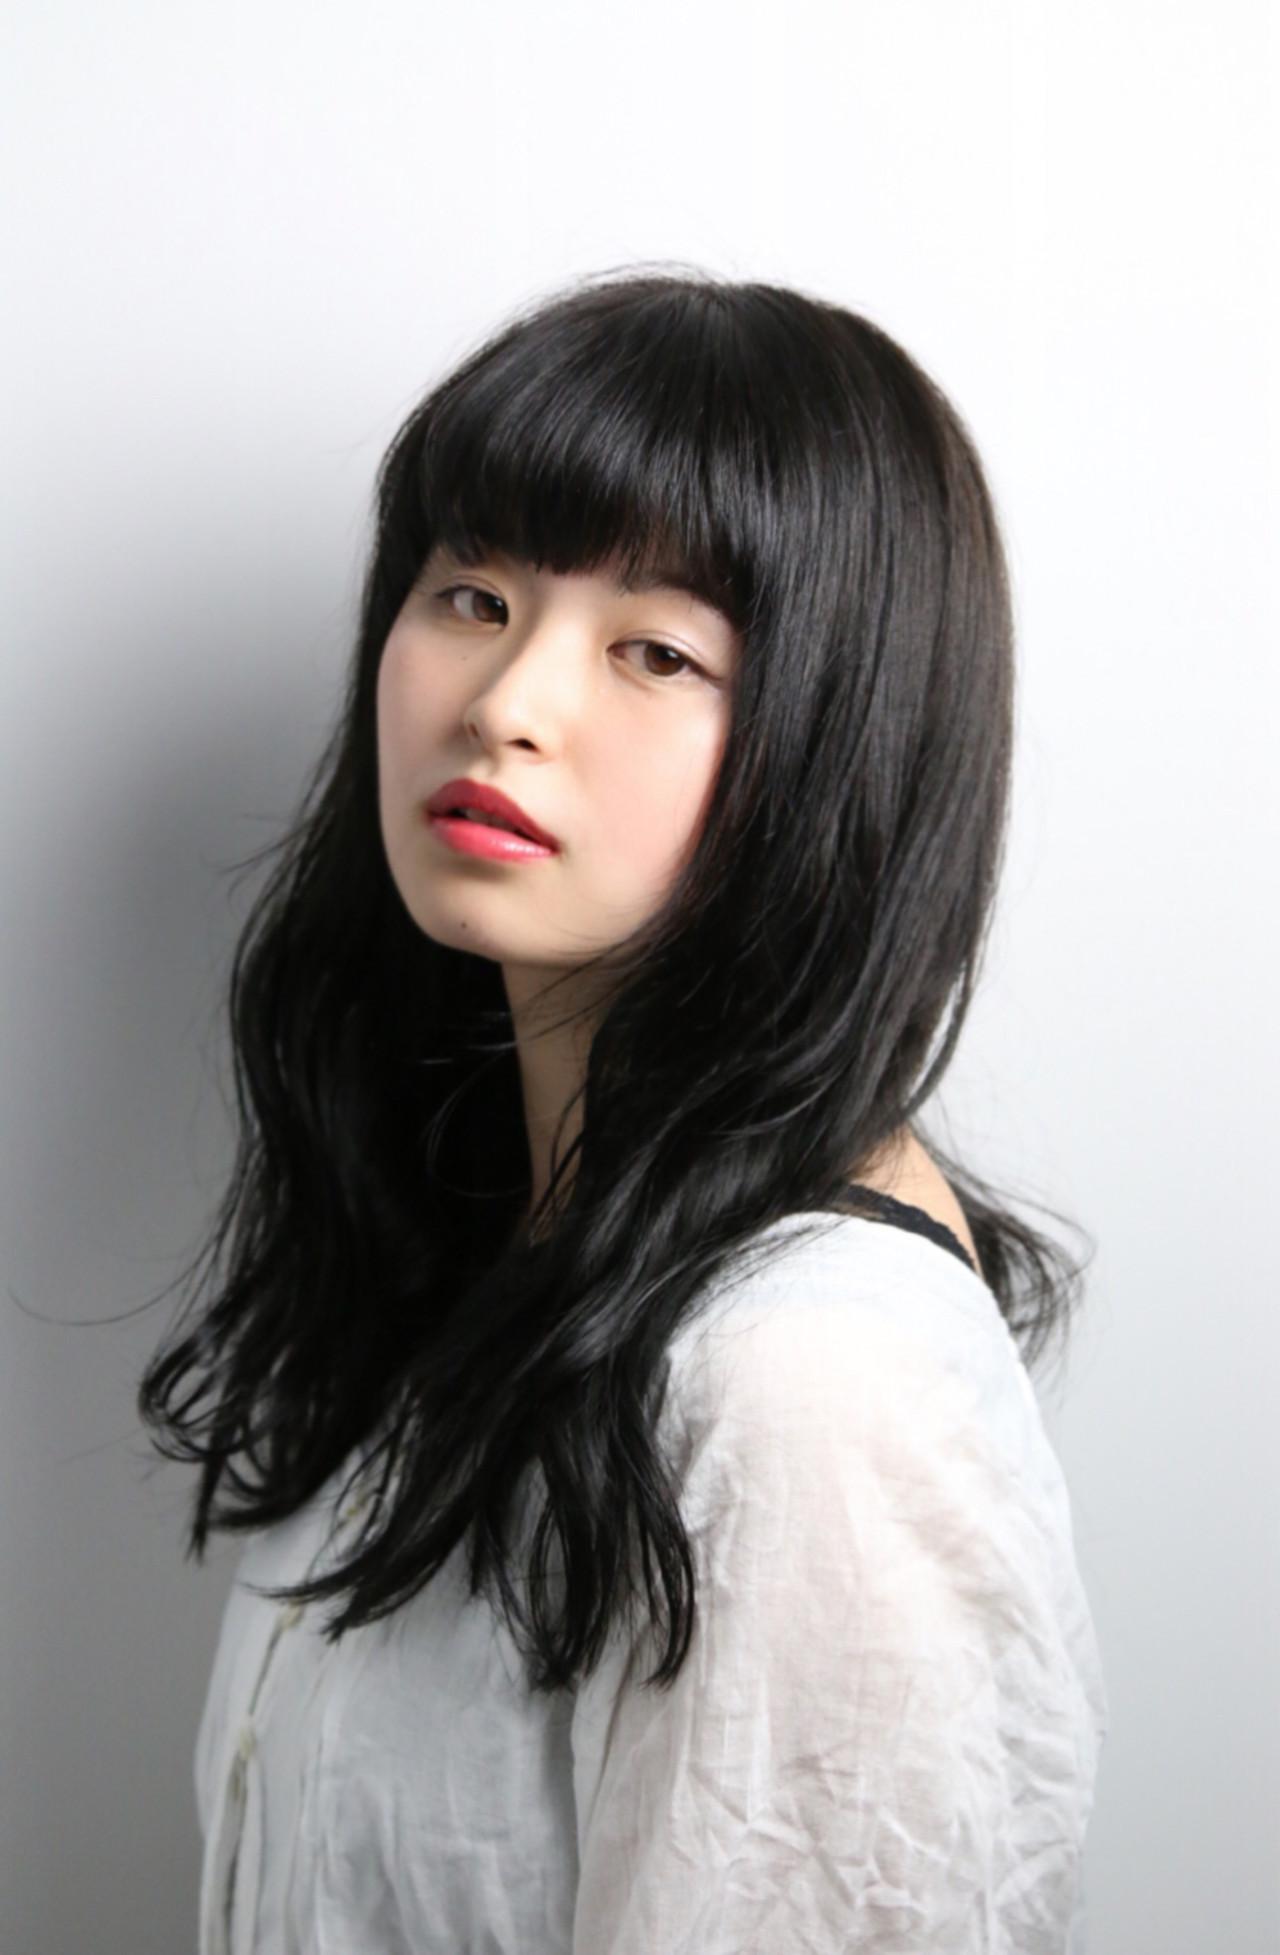 前髪あり 就活 暗髪 黒髪 ヘアスタイルや髪型の写真・画像